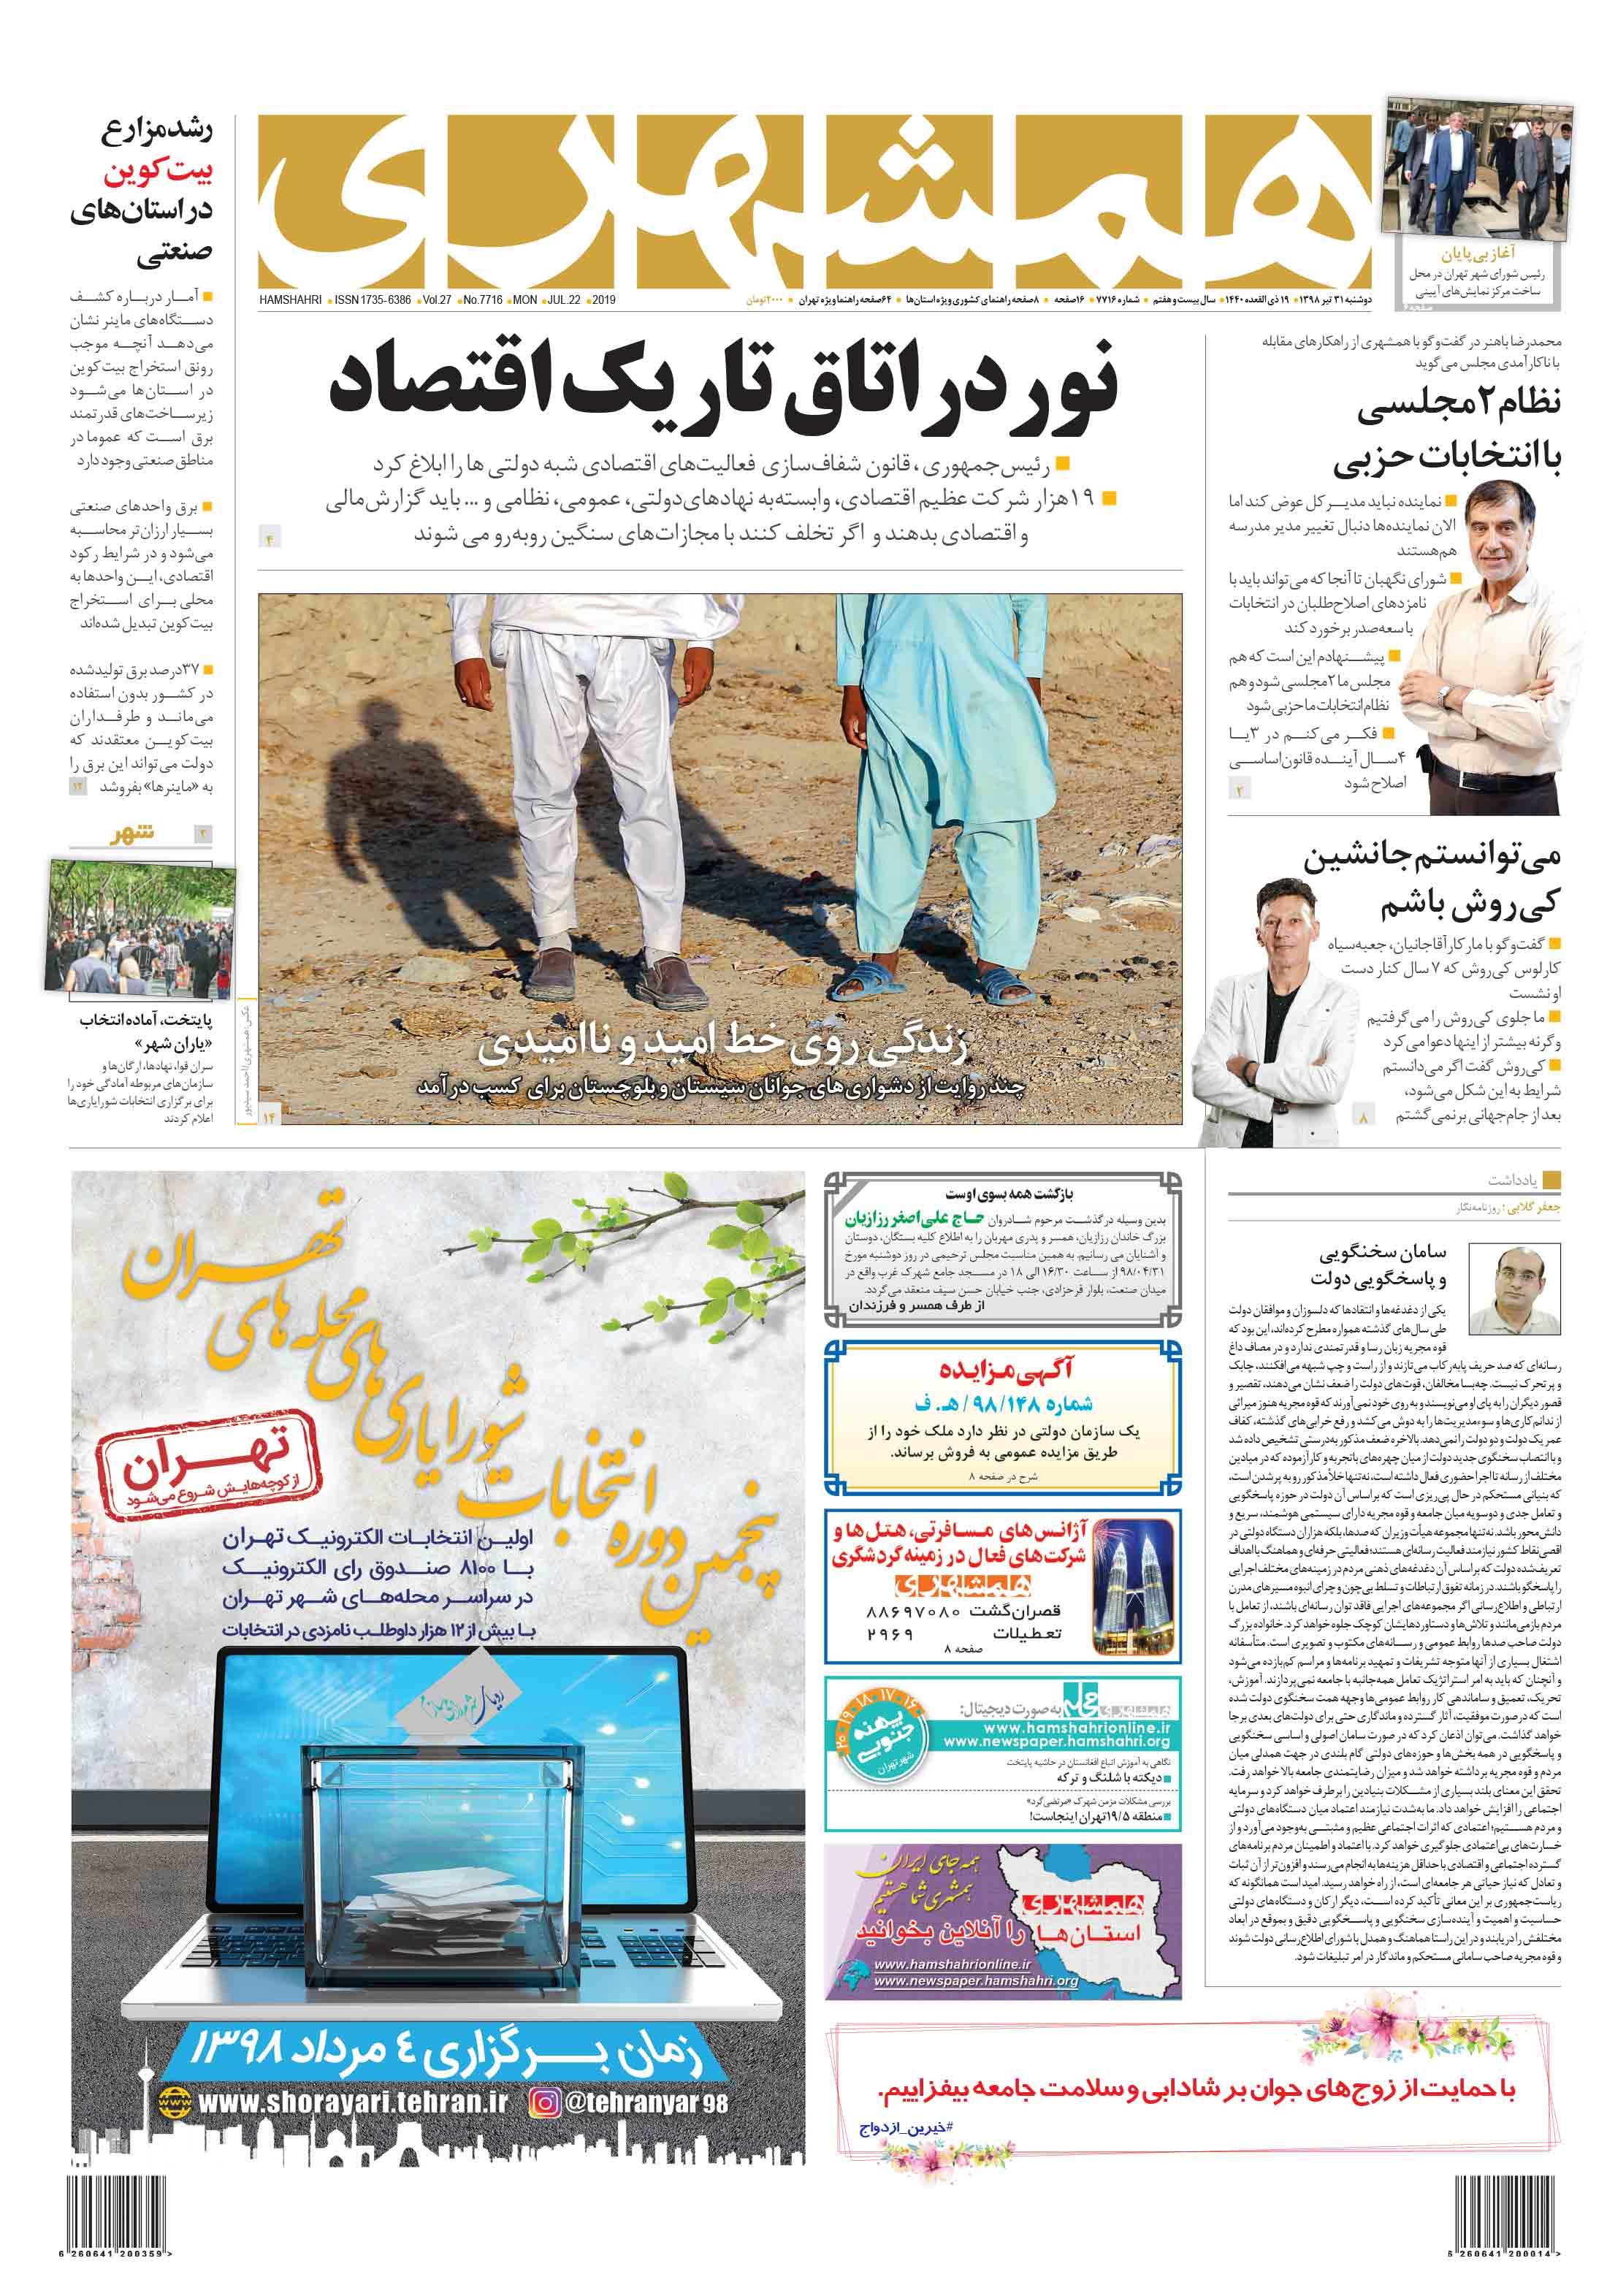 صفحه اول دوشنبه 31 تیر 1398